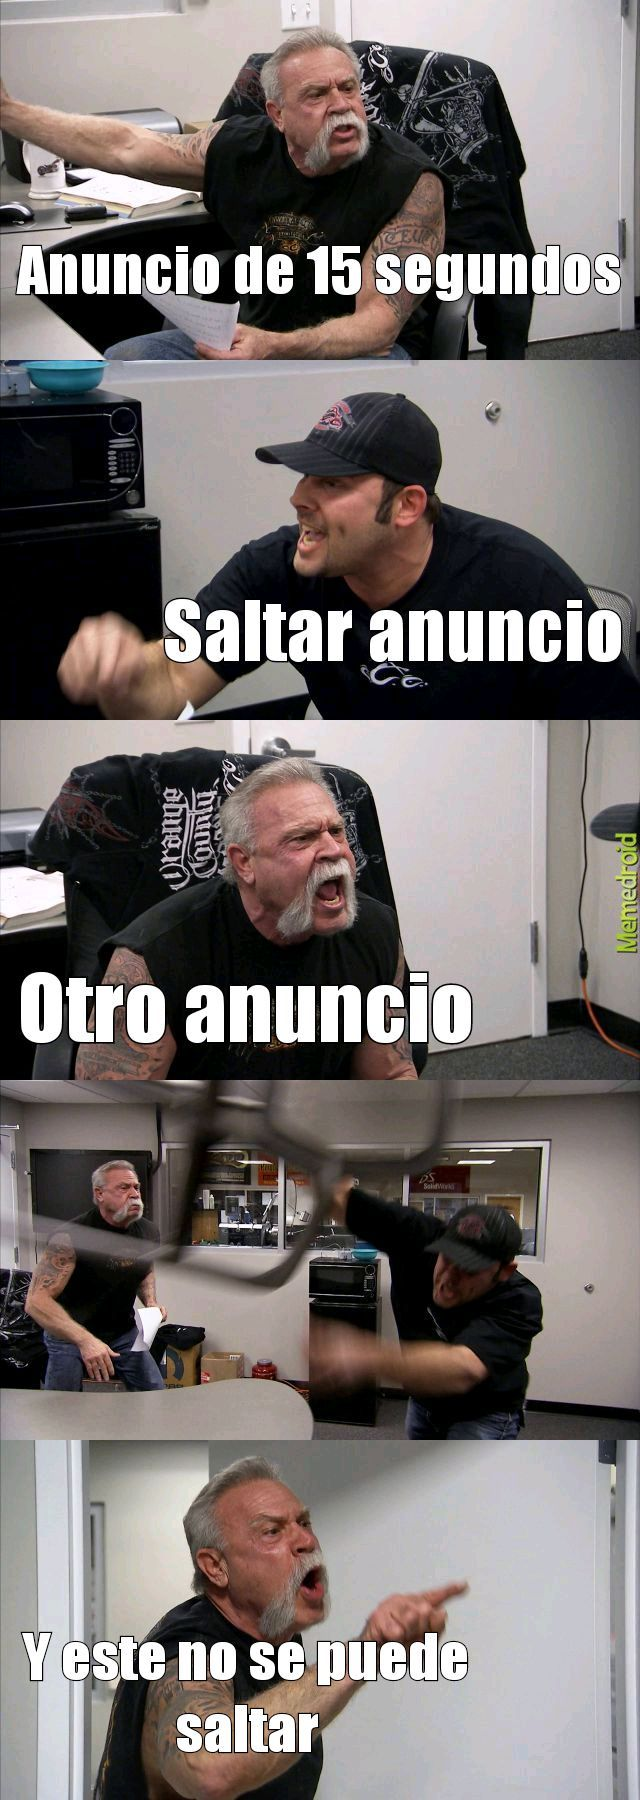 Yo en Youtube - meme